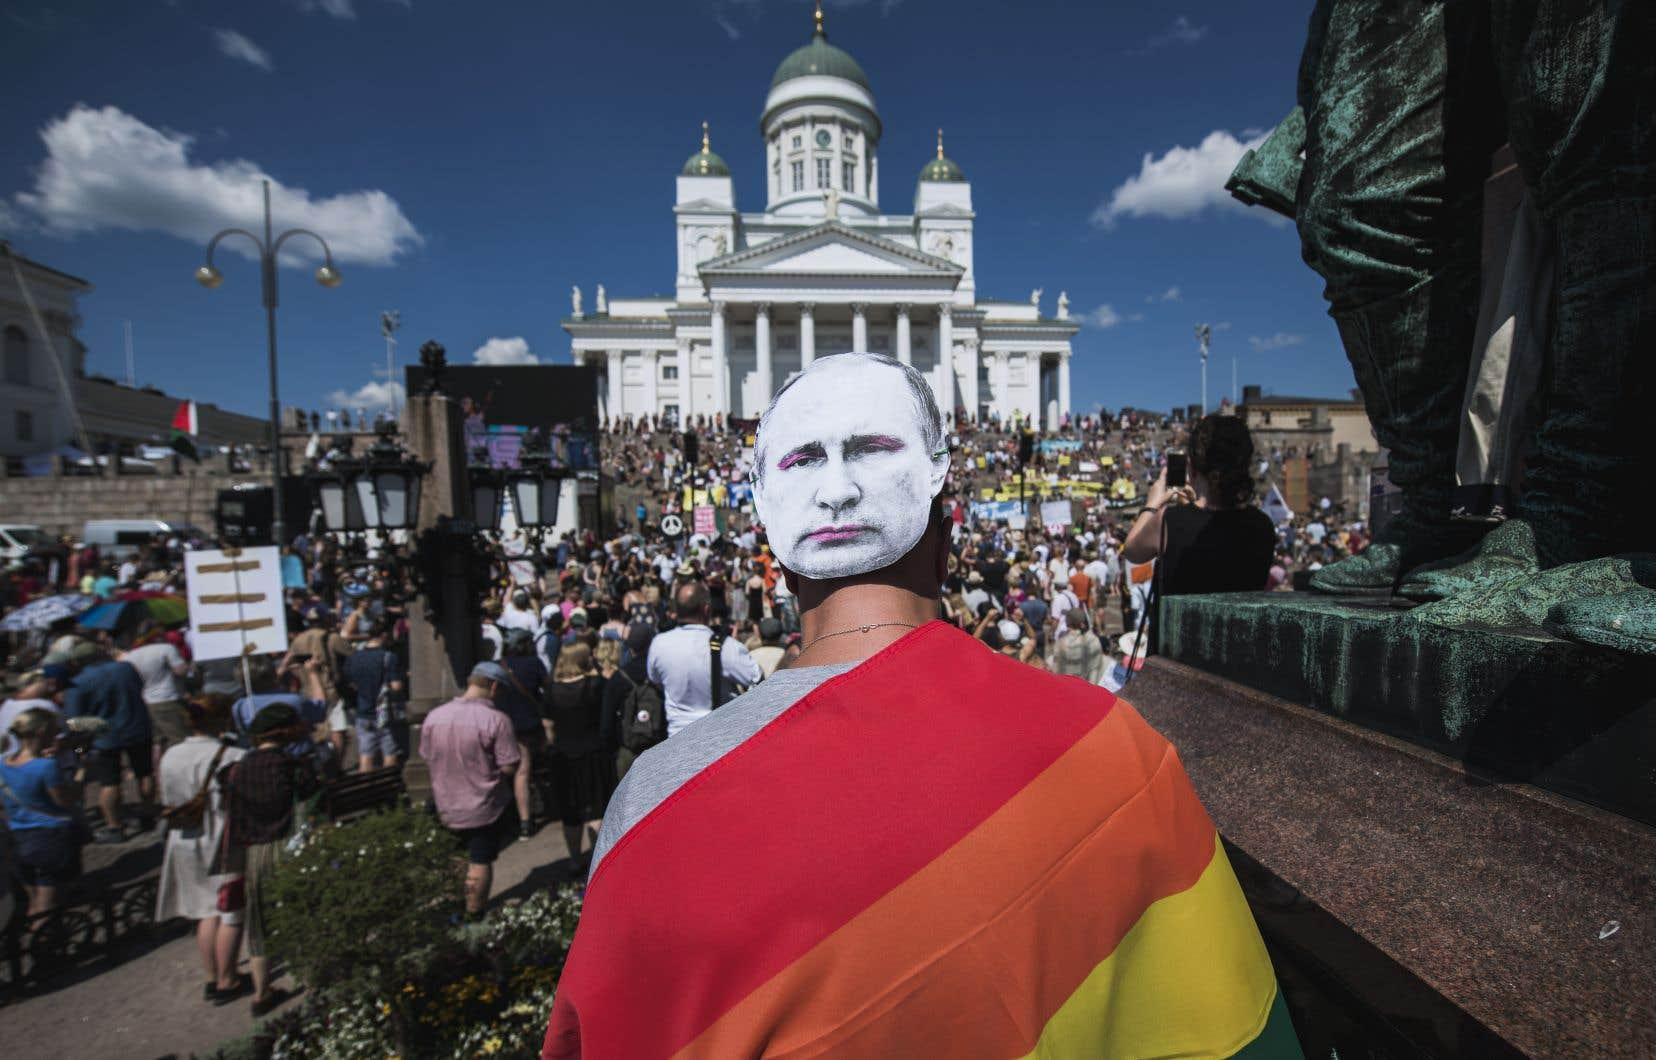 Les manifestants se sont réunis au pied de la grande cathédrale blanche luthérienne d'Helsinki, à deux pas du Palais présidentiel où s'entretiendront pour la première fois en sommet bilatéral les présidents américain et russe.